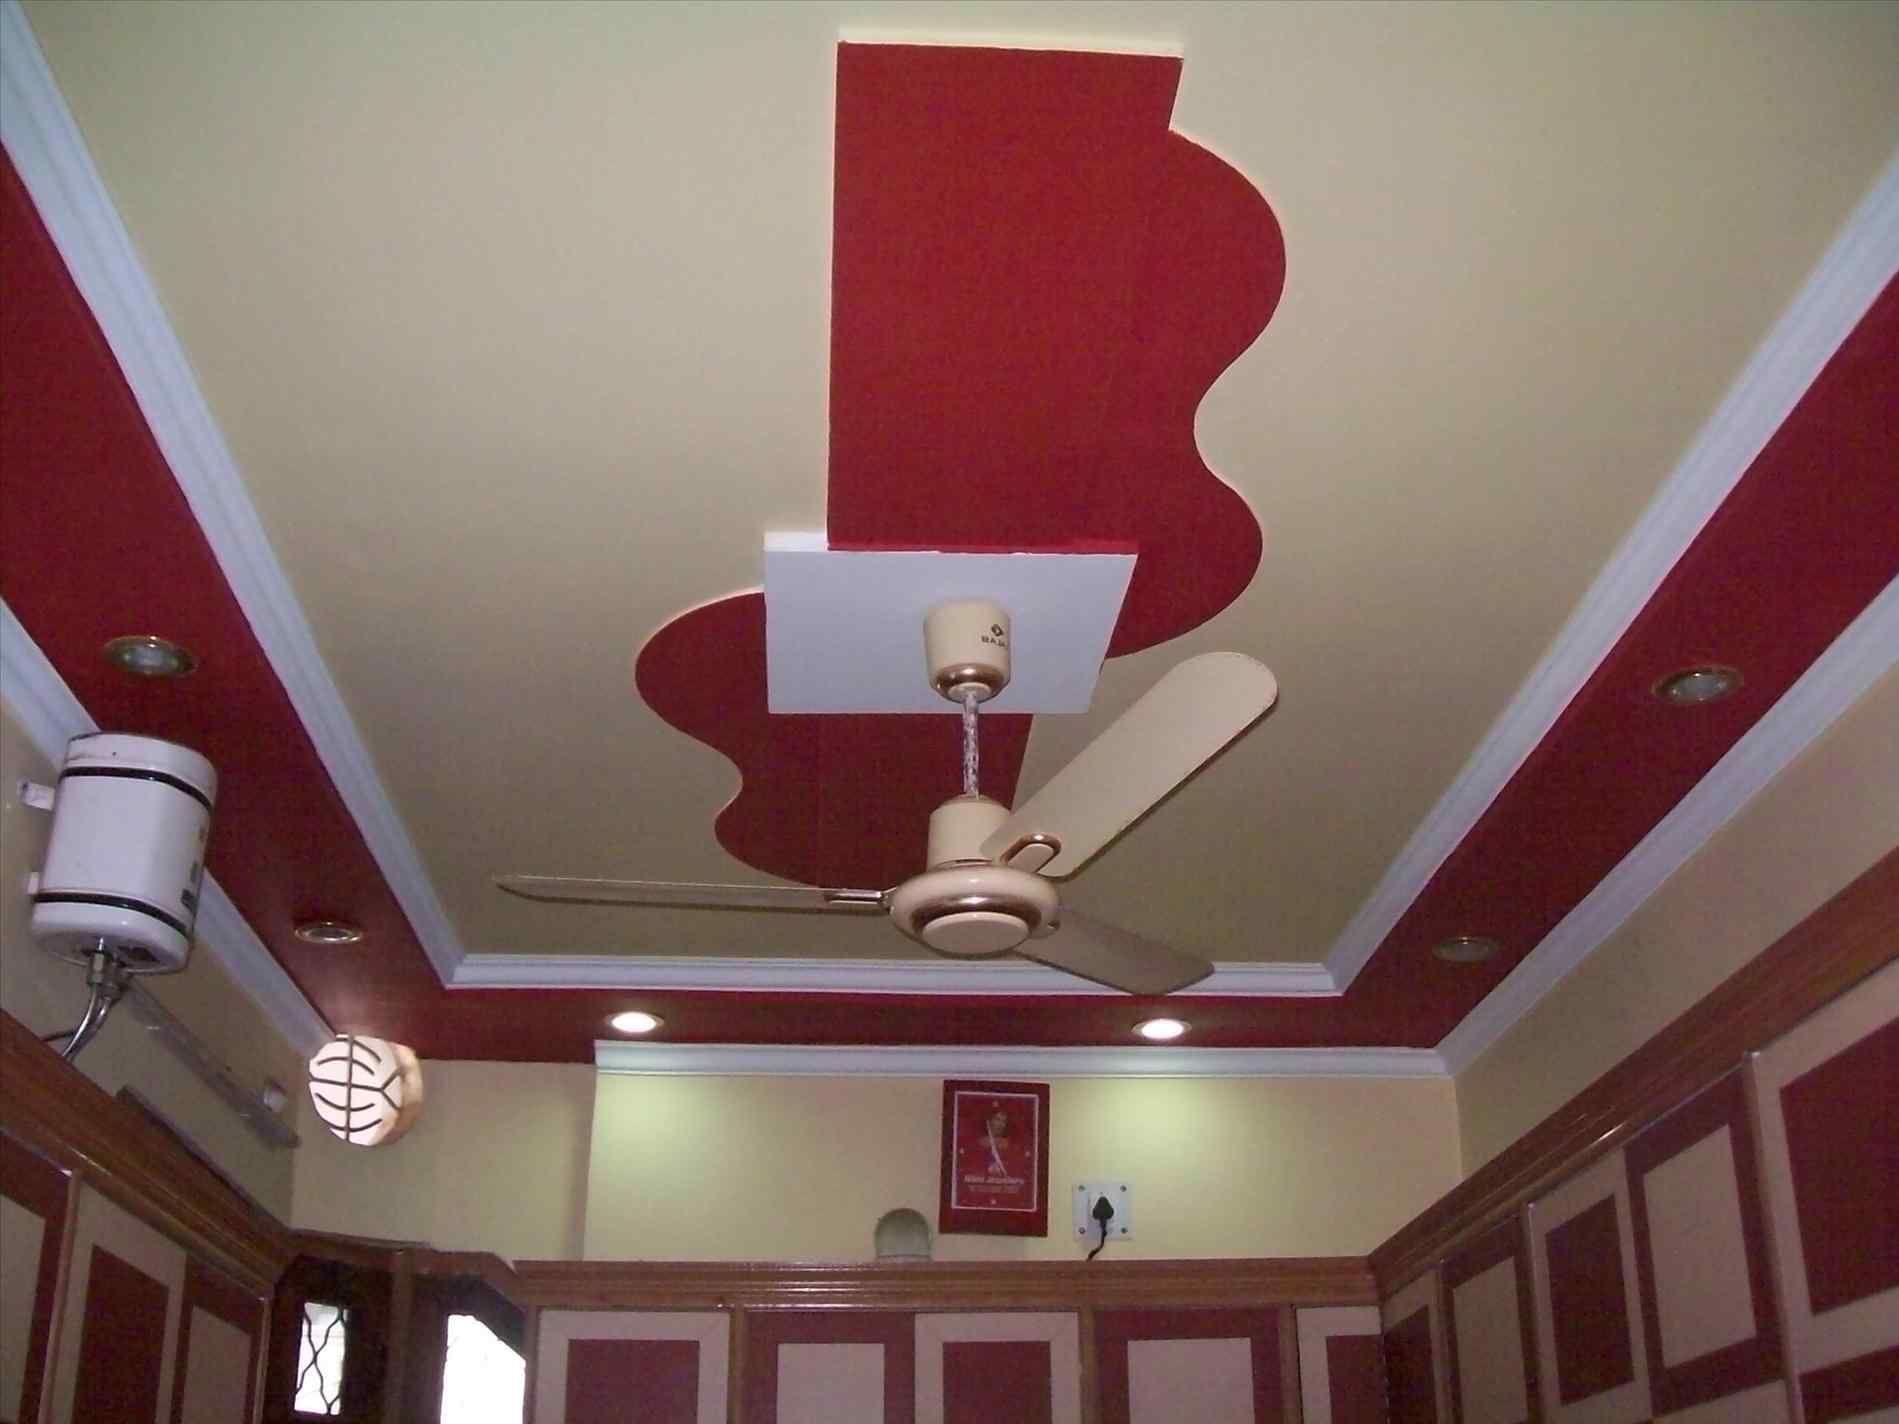 Plastic Paris Roof Design Home Roof Ideas Pop Ceiling Design Pop Design For Roof Ceiling Design